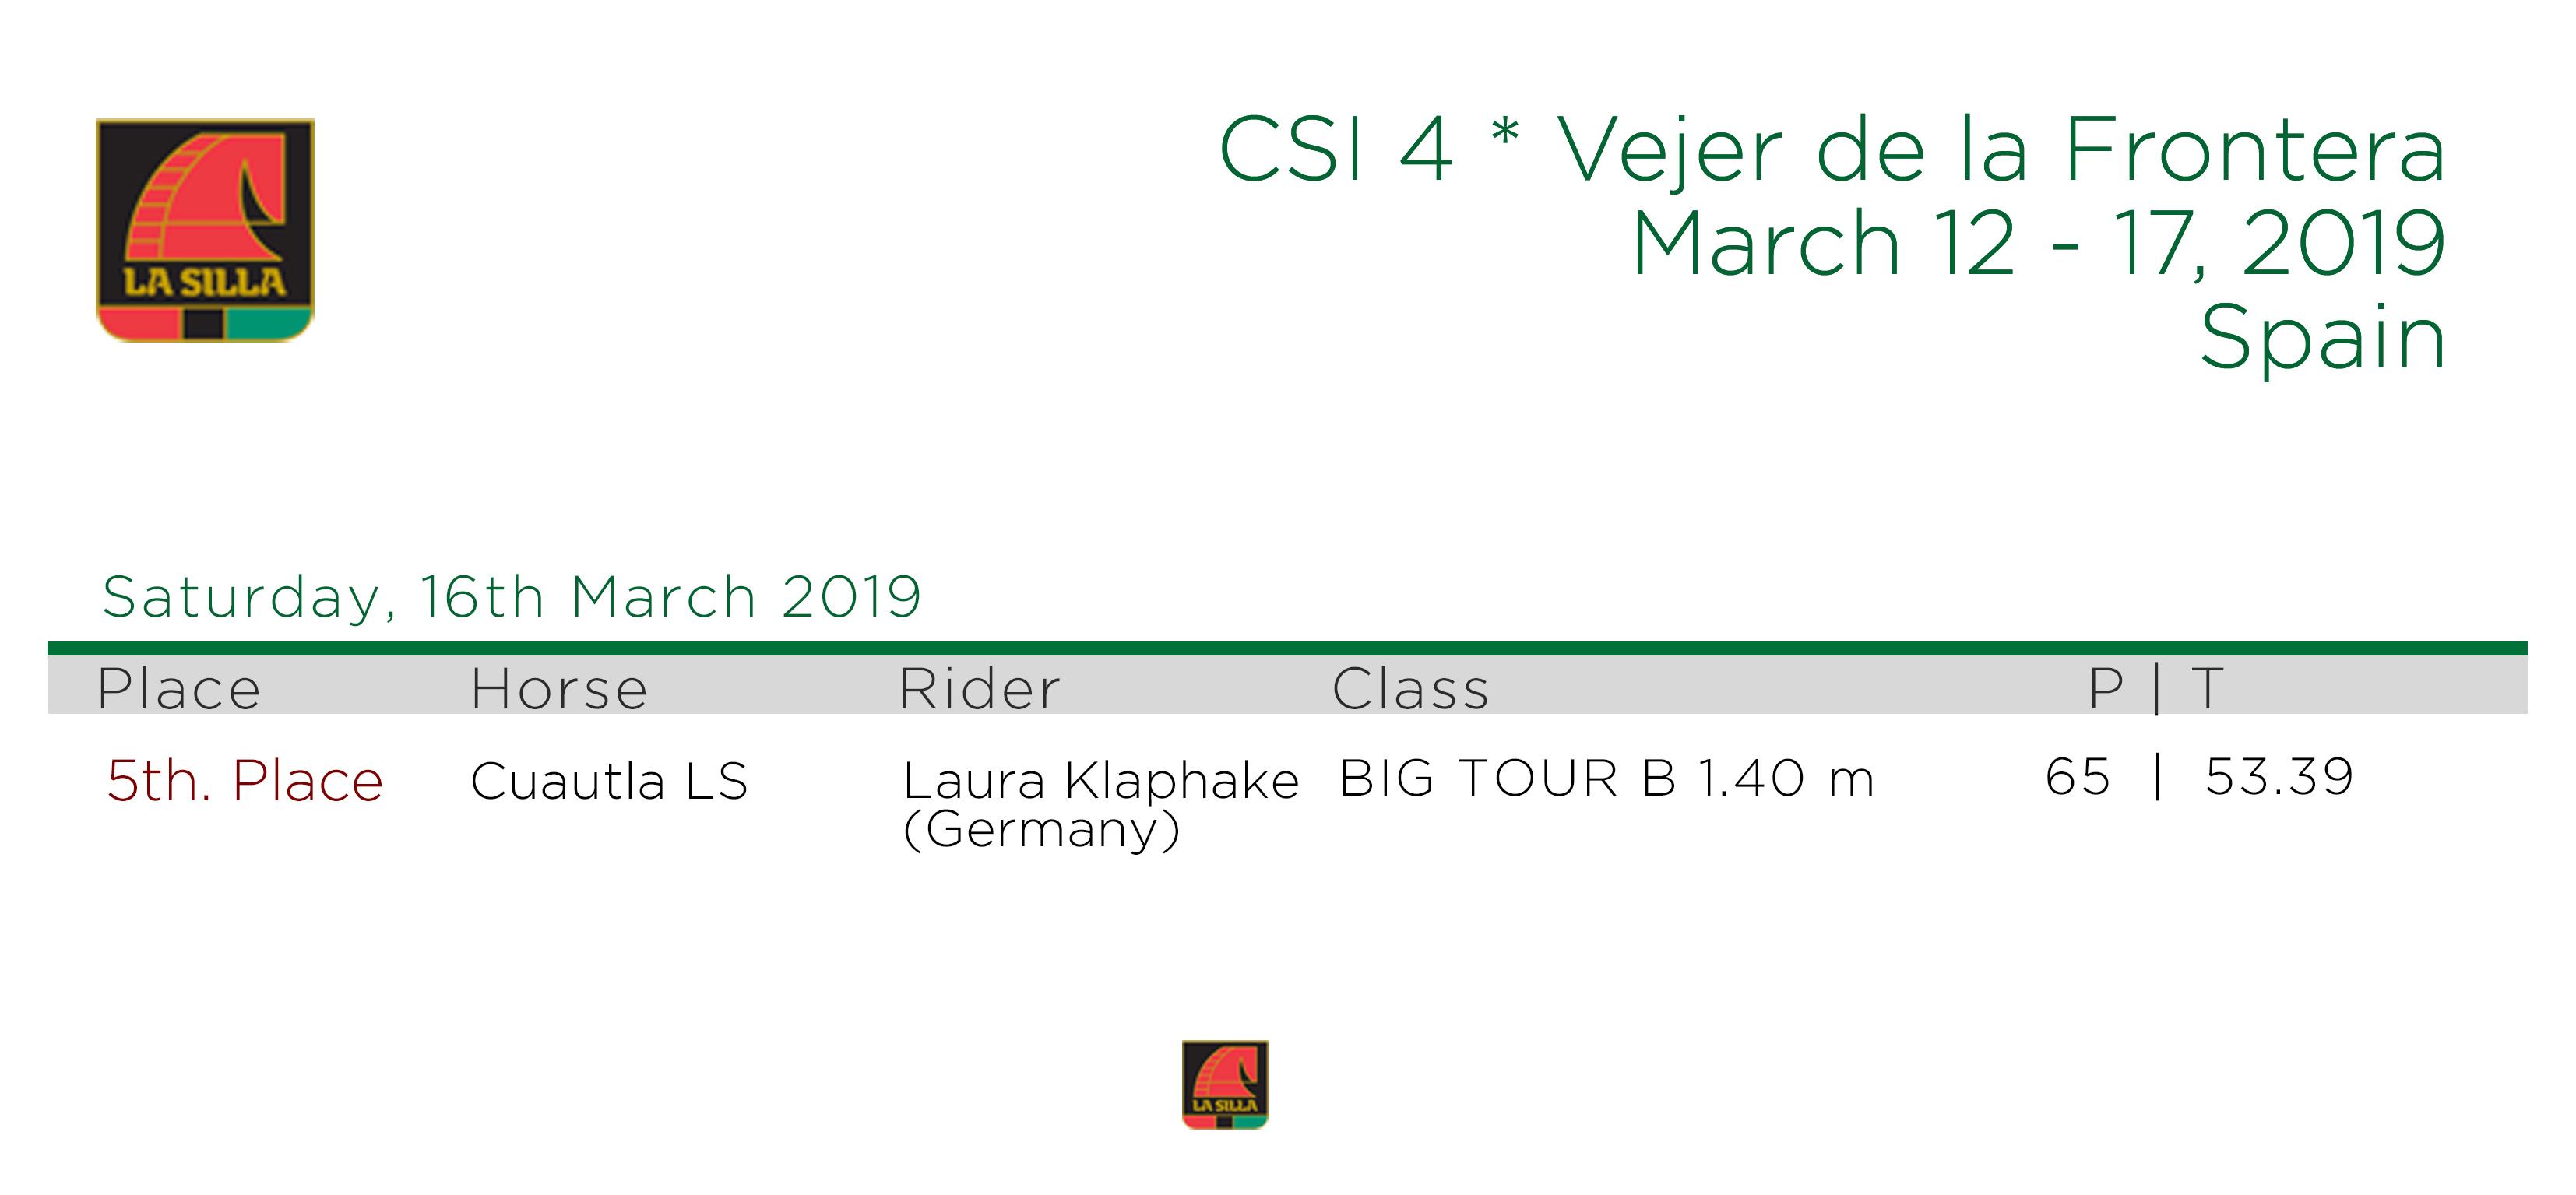 CSI-4--Vejer-de-la-Frontera-March-12-17_2019-España